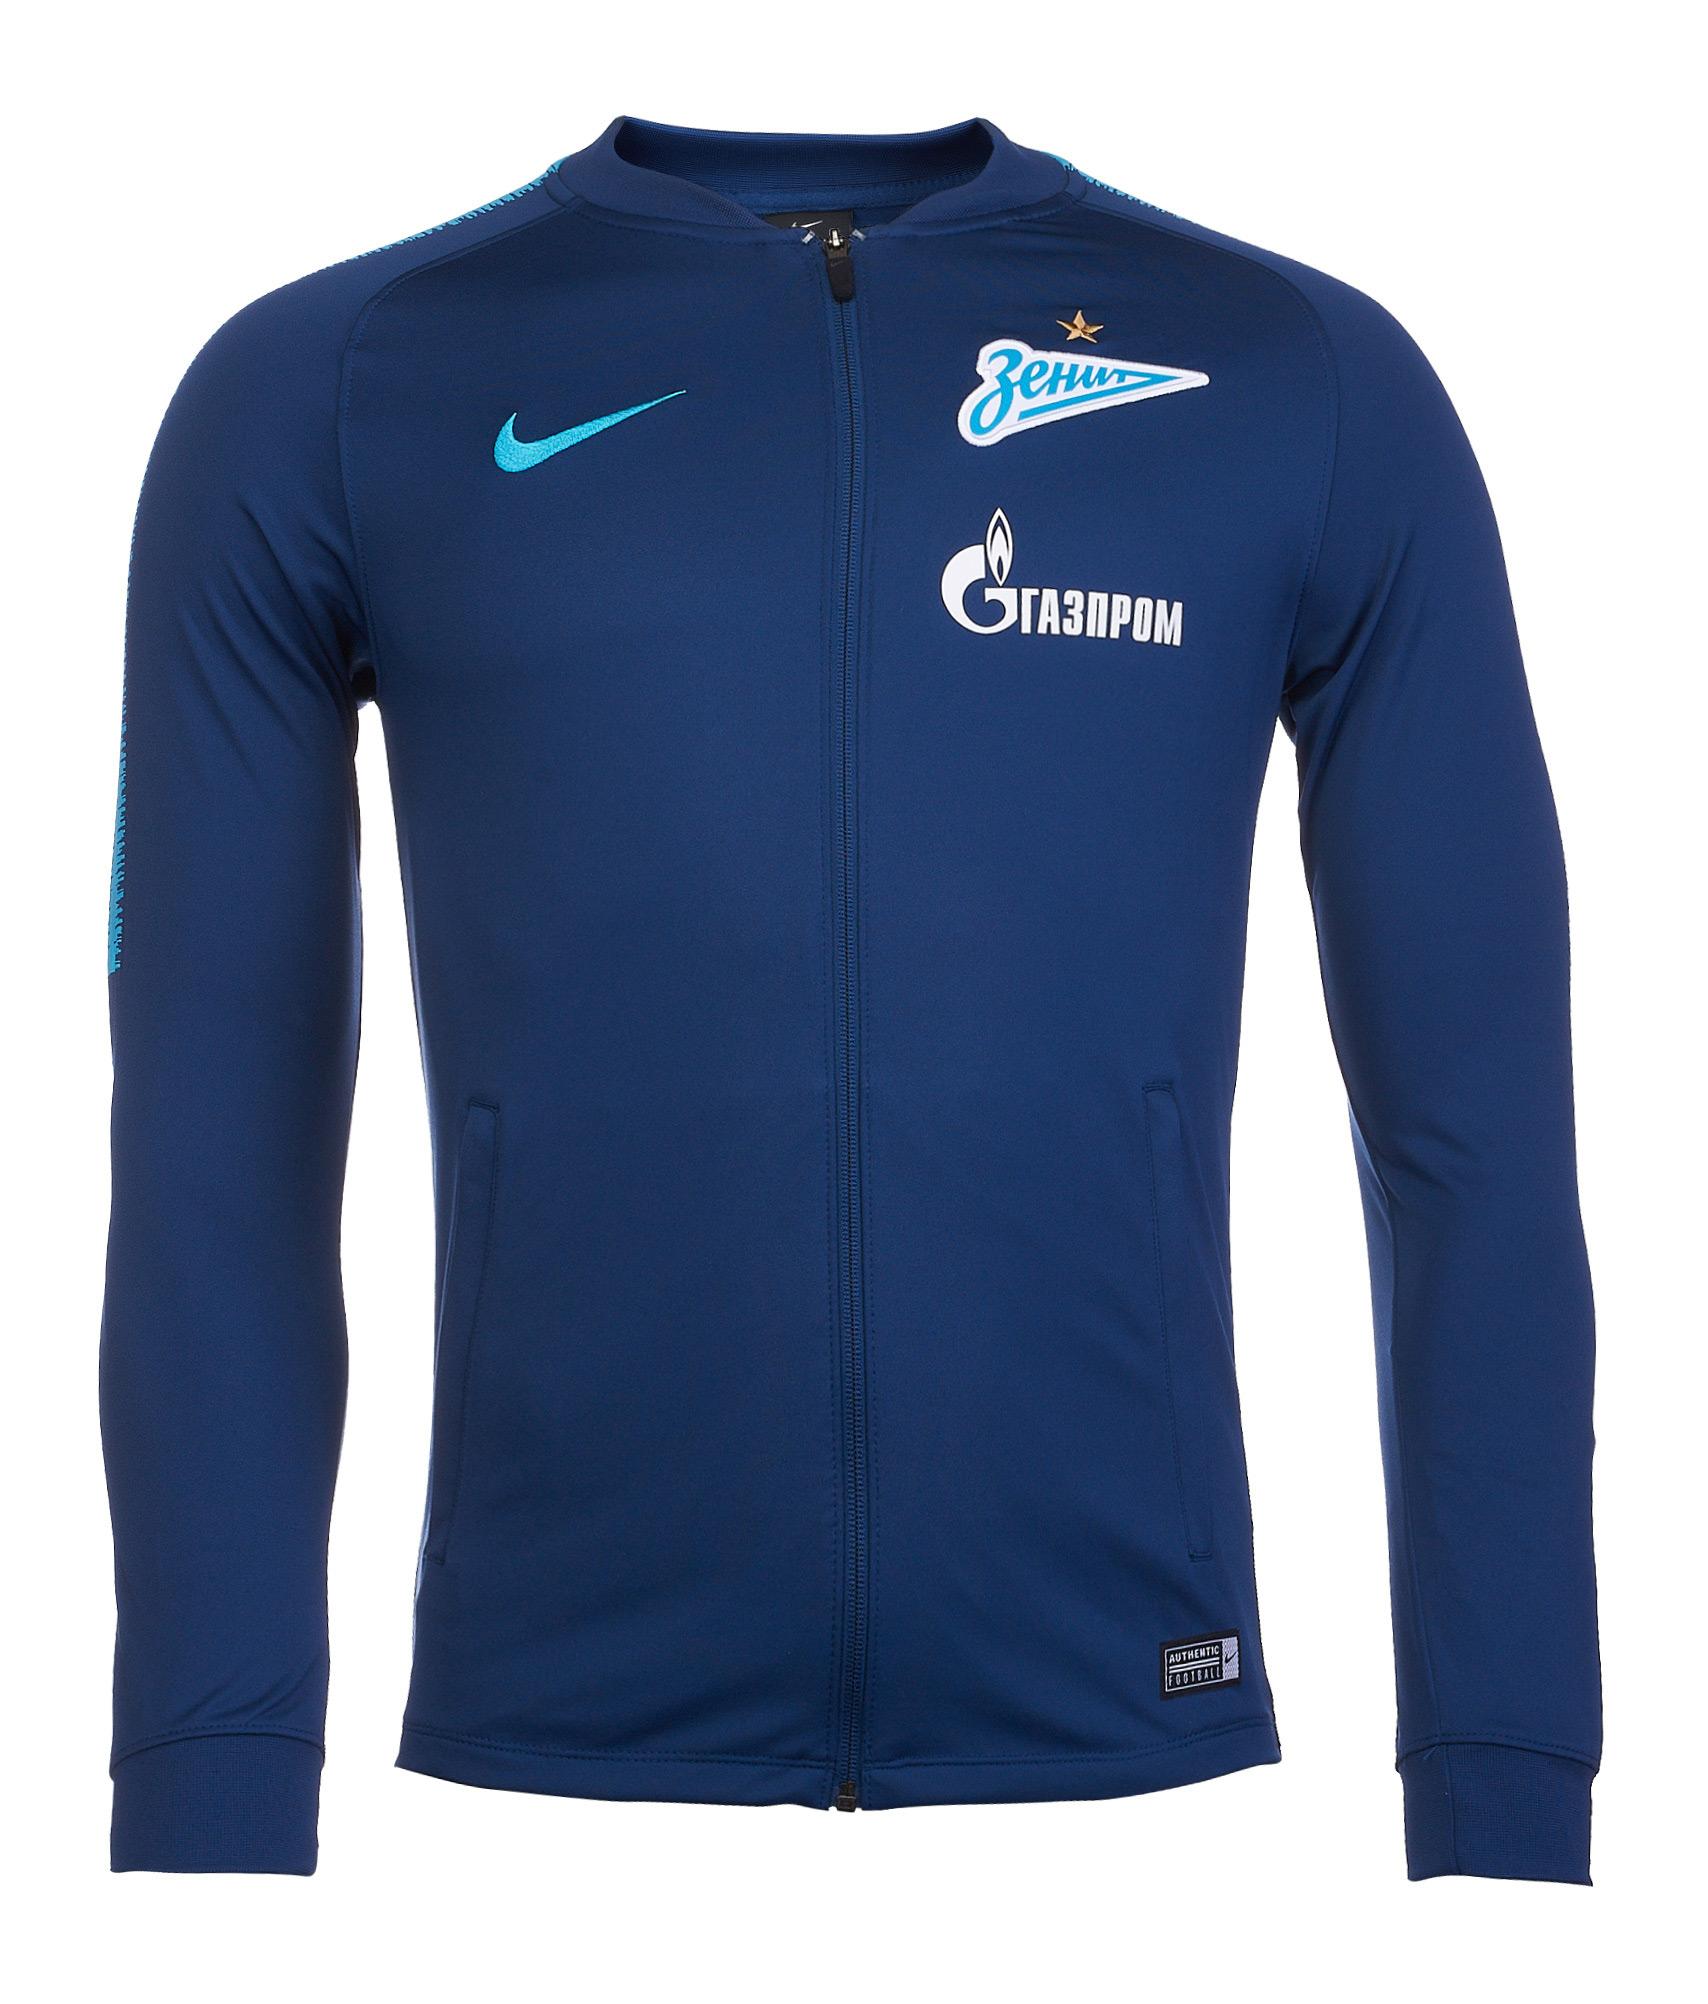 06316ccb Куртка от костюма Nike Zenit сезона 2018/19 918559-415 купить за 4 250 руб  в интернет магазине ФК Зенит